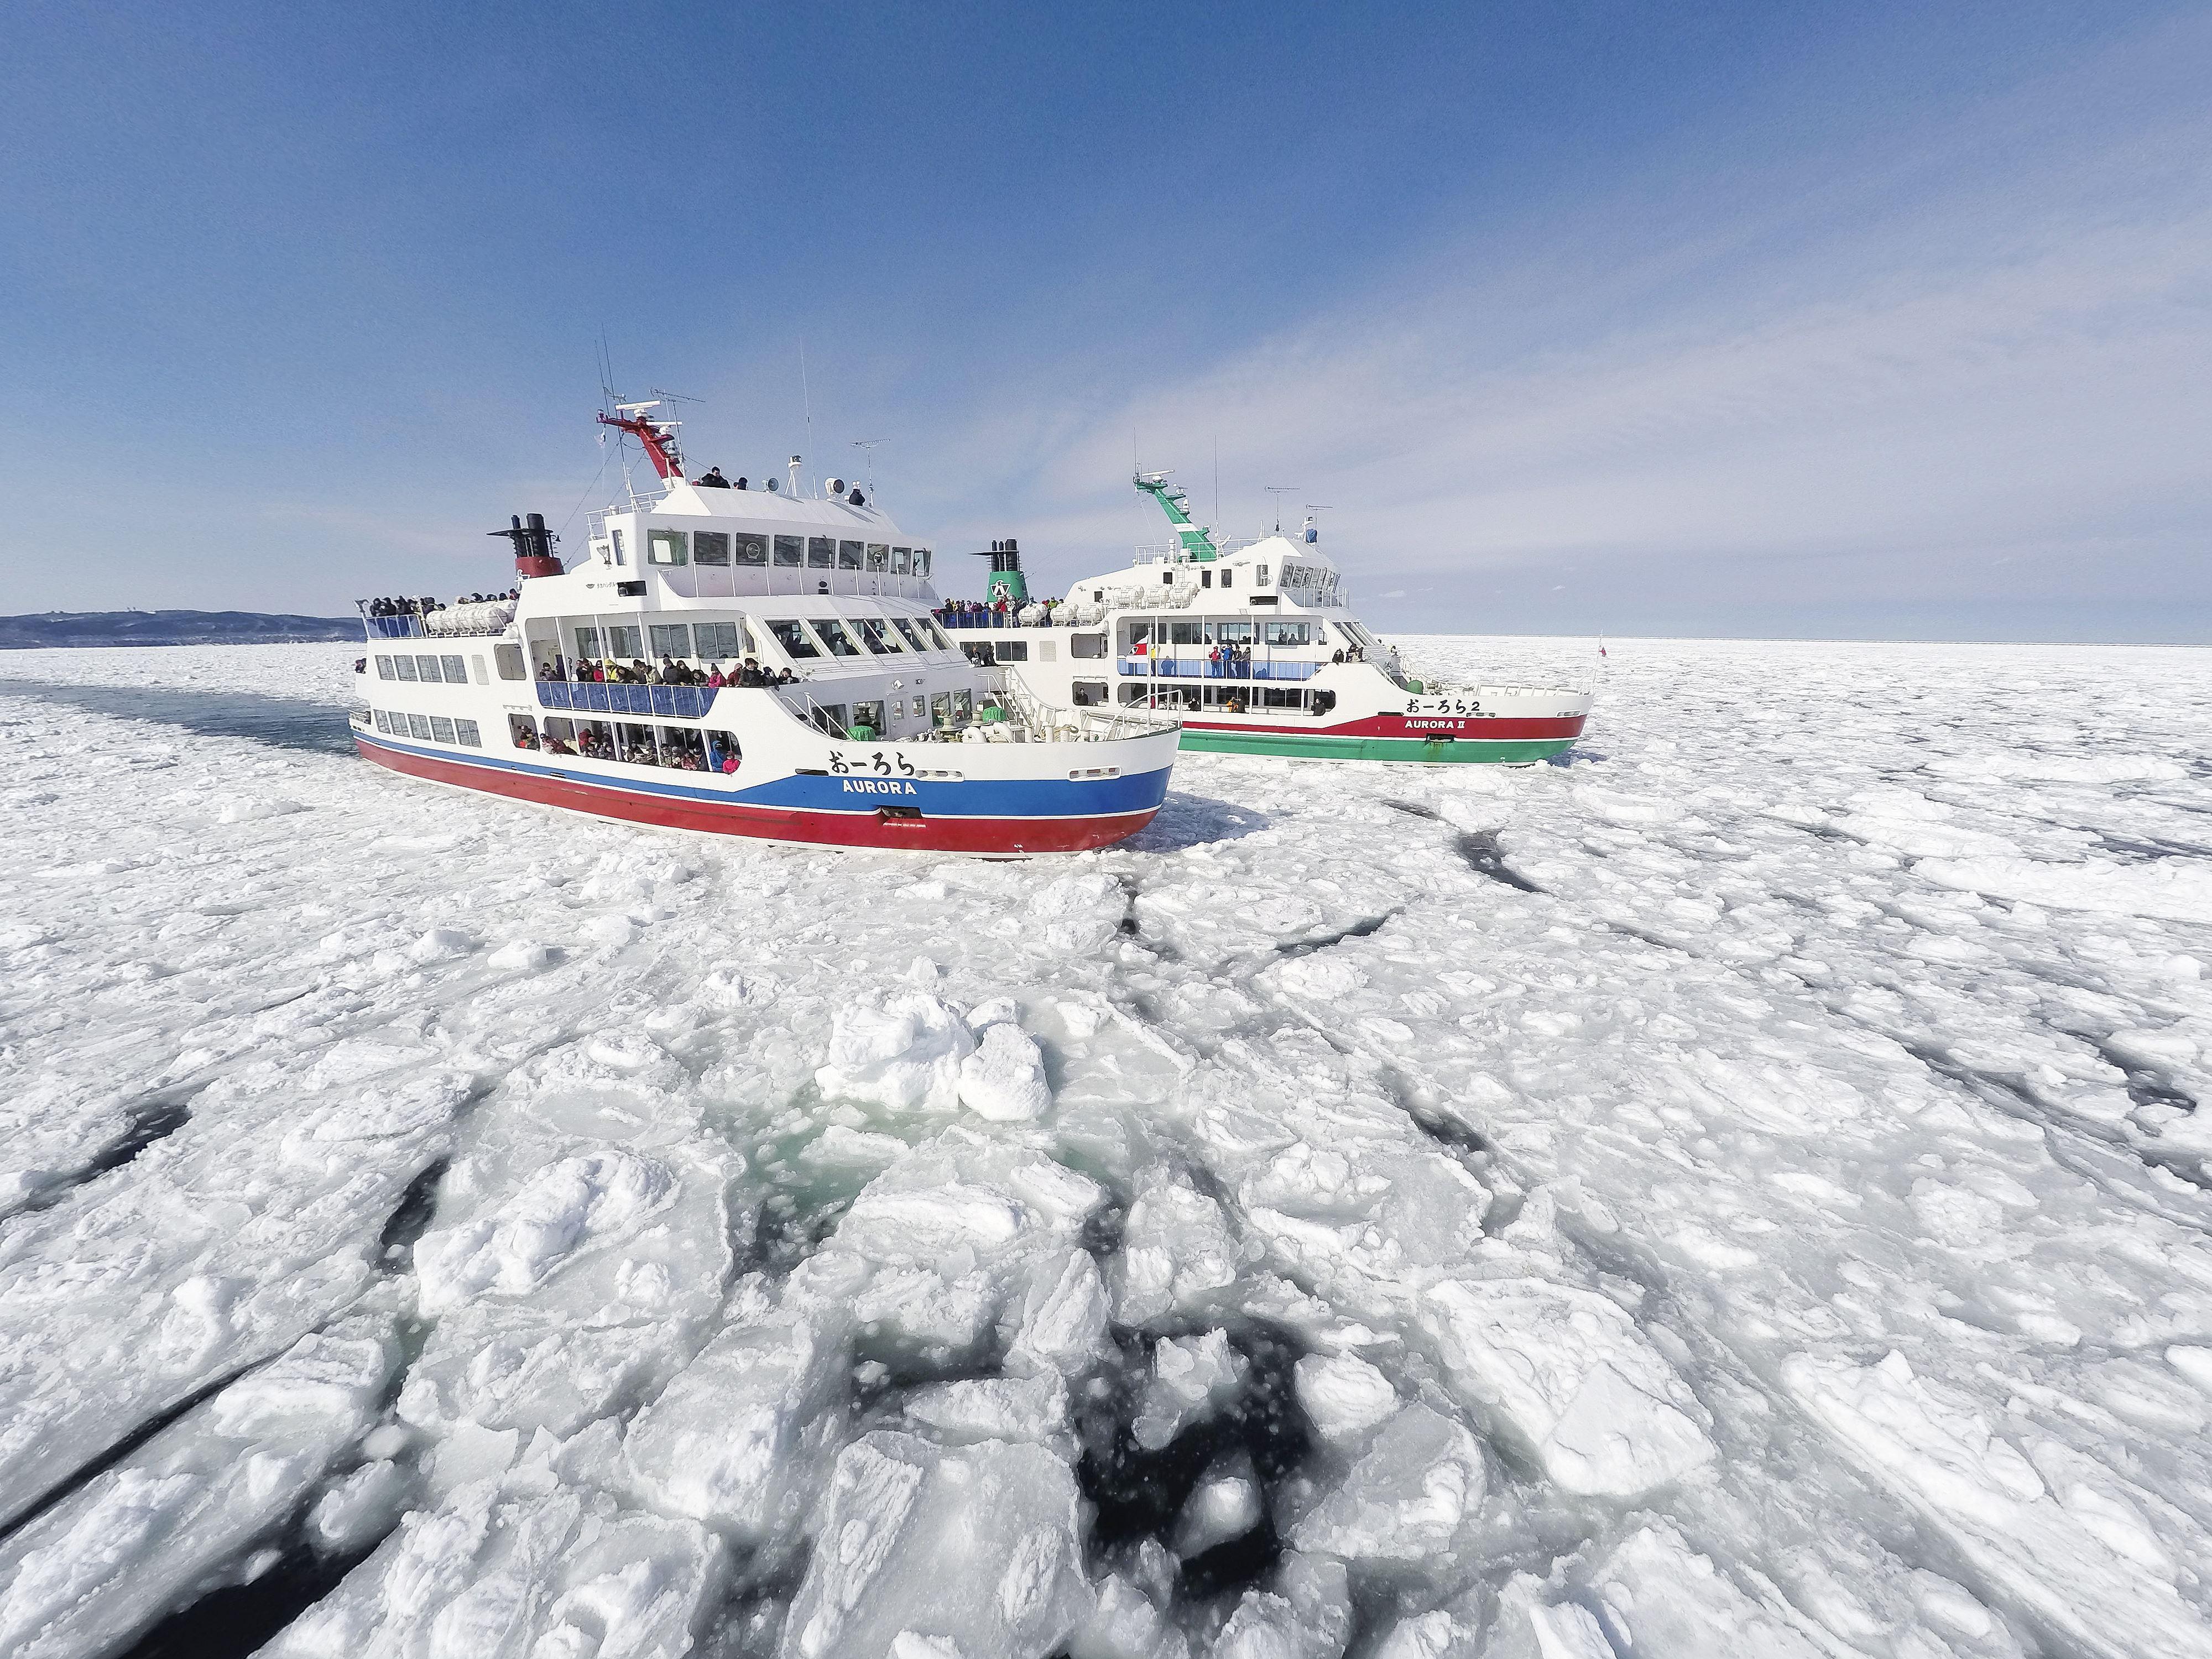 冬の流氷だけじゃない!?網走市の充実した観光スポット・グルメをご紹介!